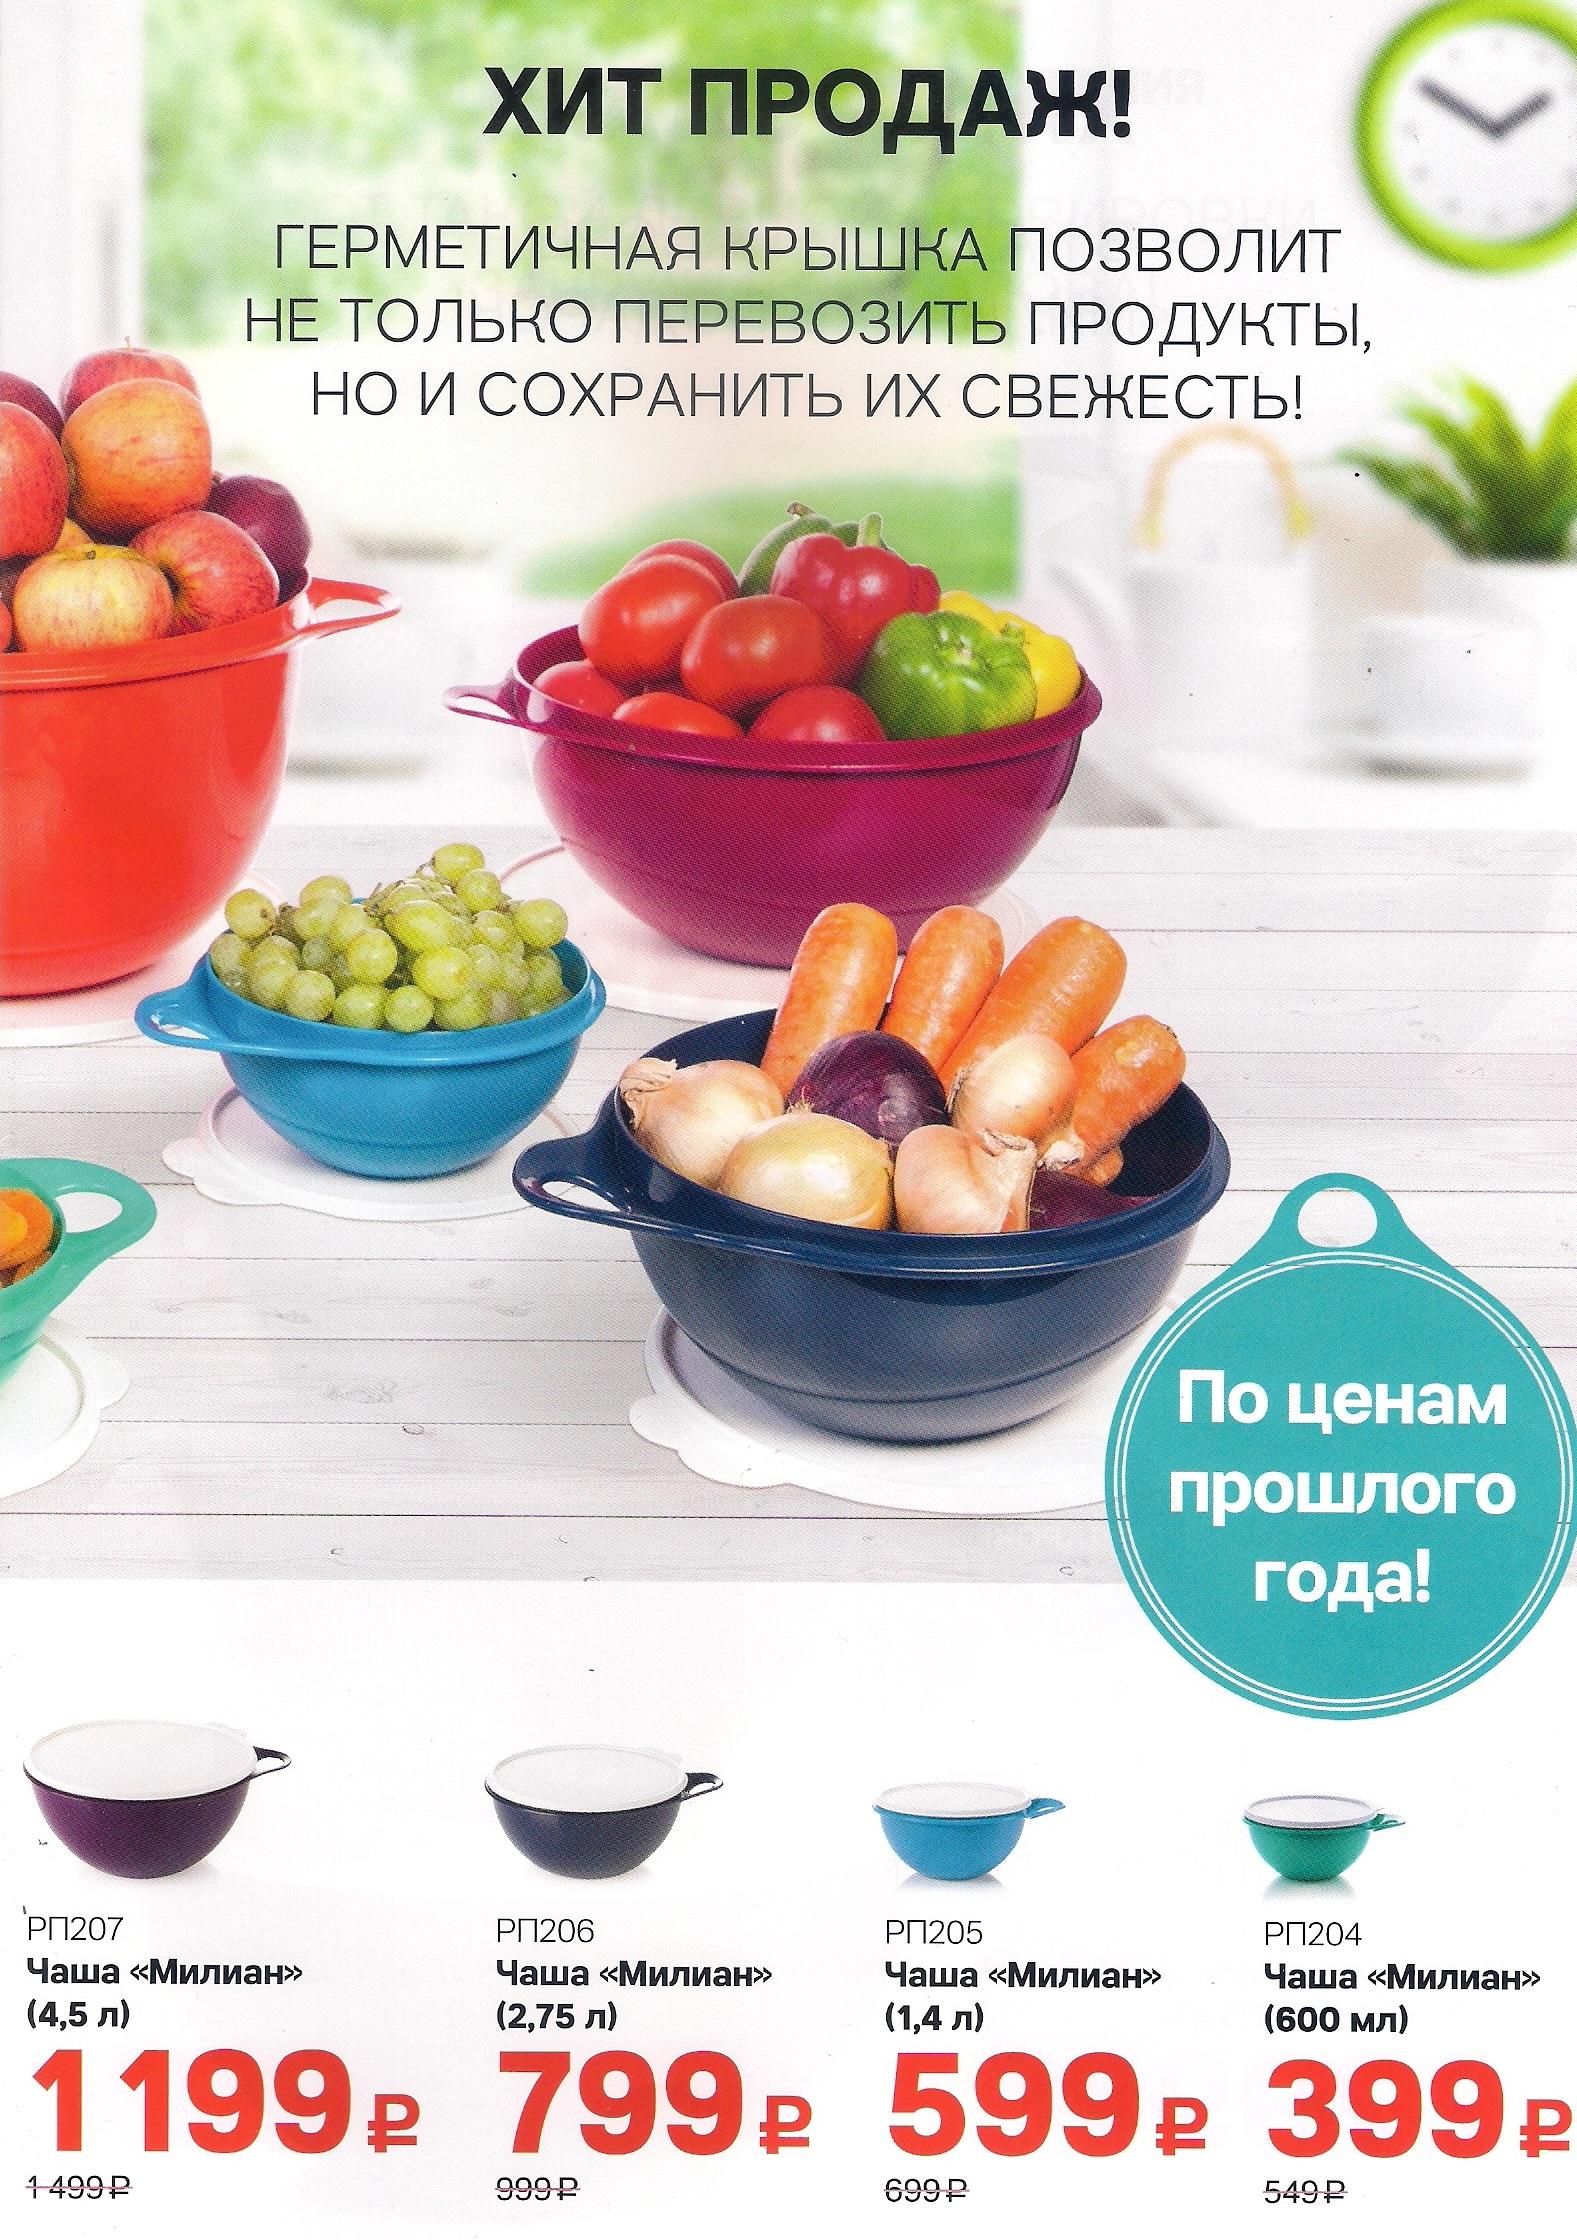 https://tupperware-online.ru/images/upload/3n.jpg